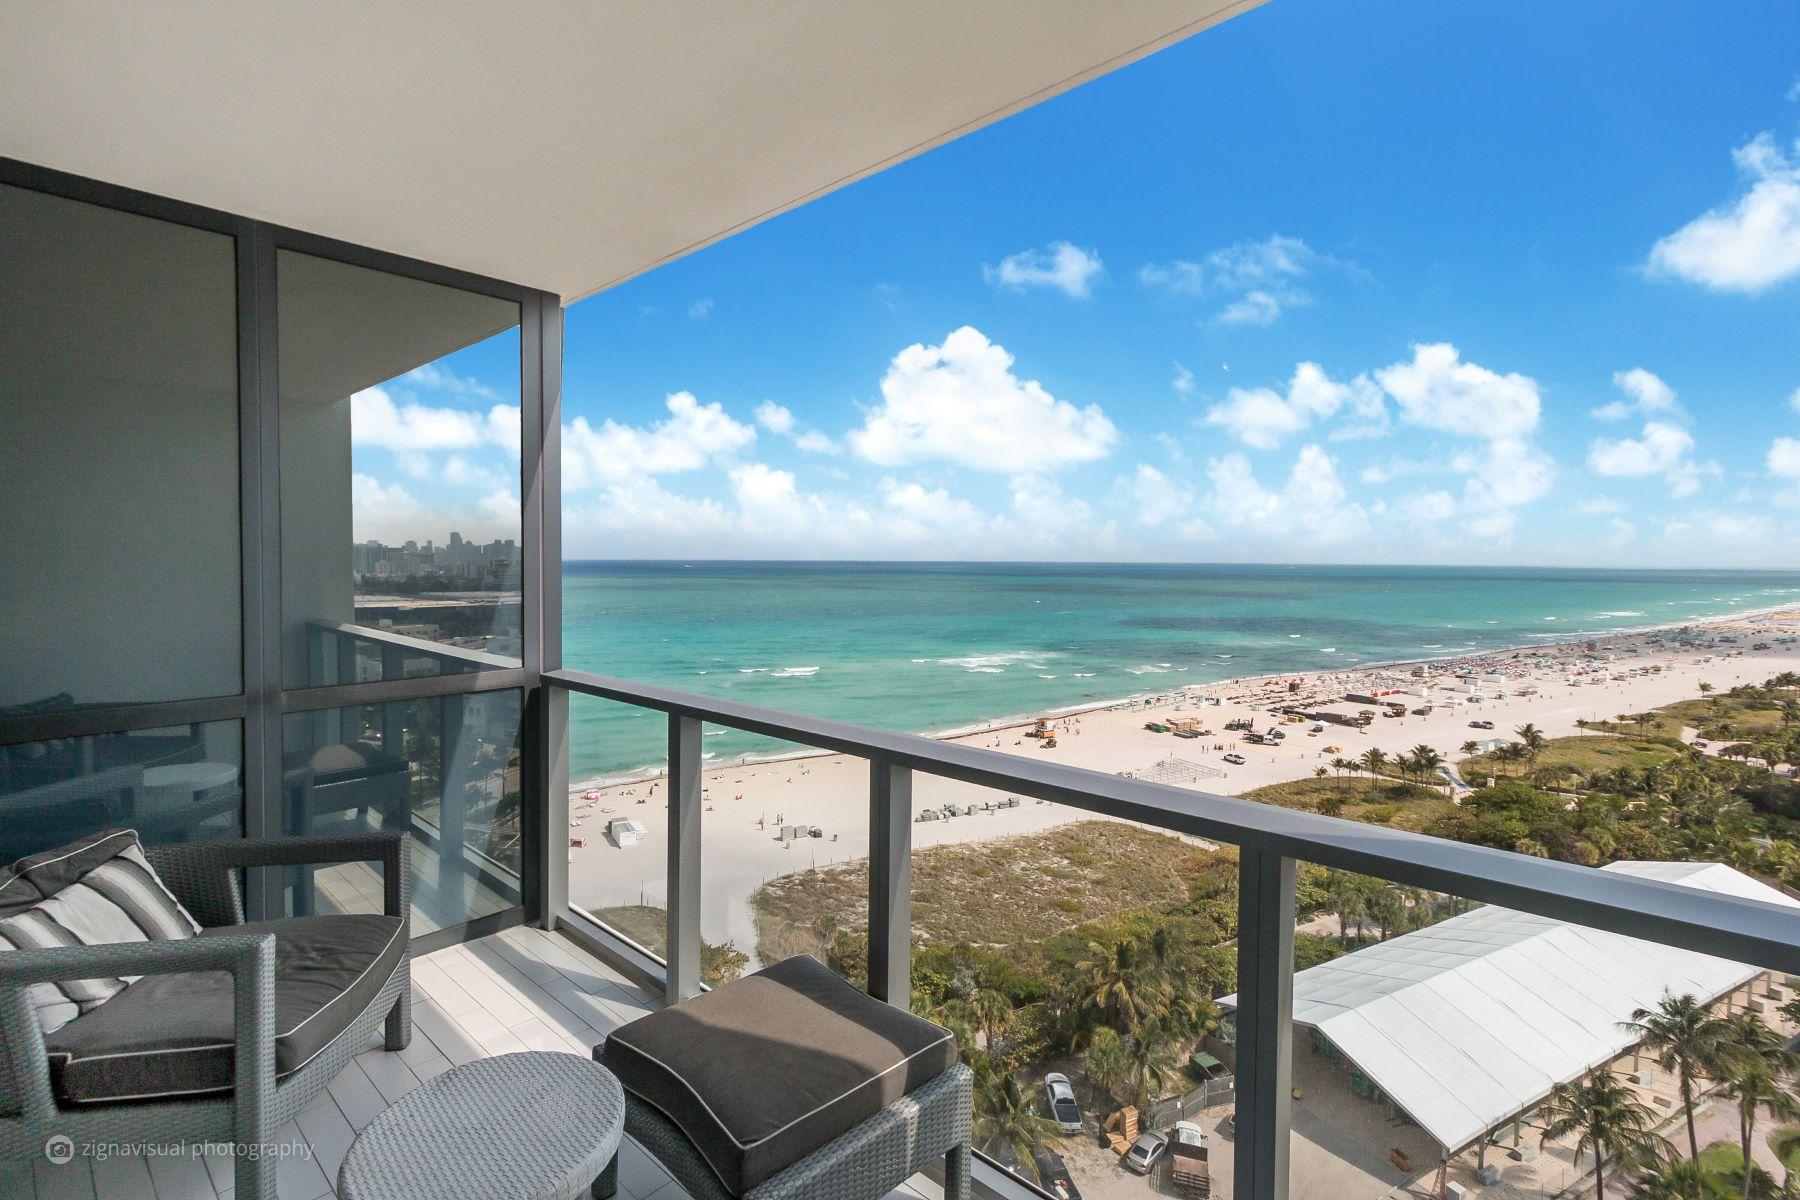 共管物業 為 出售 在 2201 Collins Ave 2201 Collins Ave 1626, Miami Beach, 佛羅里達州, 33139 美國